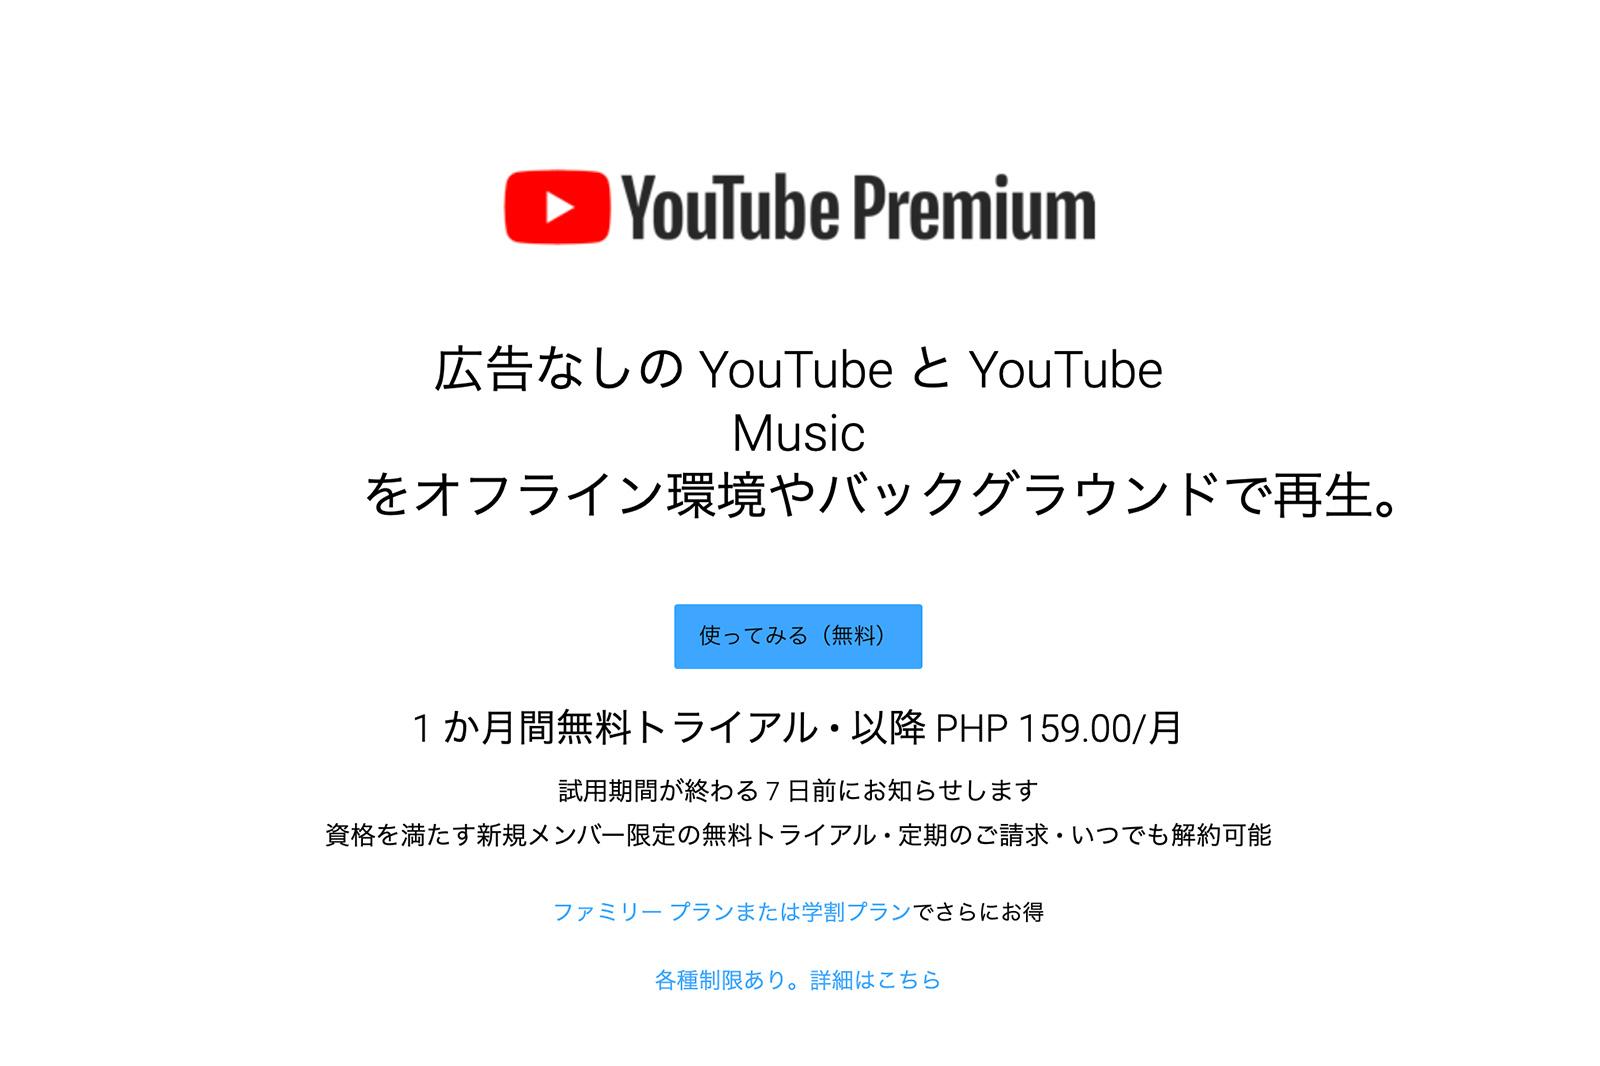 YouTube(ユーチューブ)プレミアムフィリピンの価格